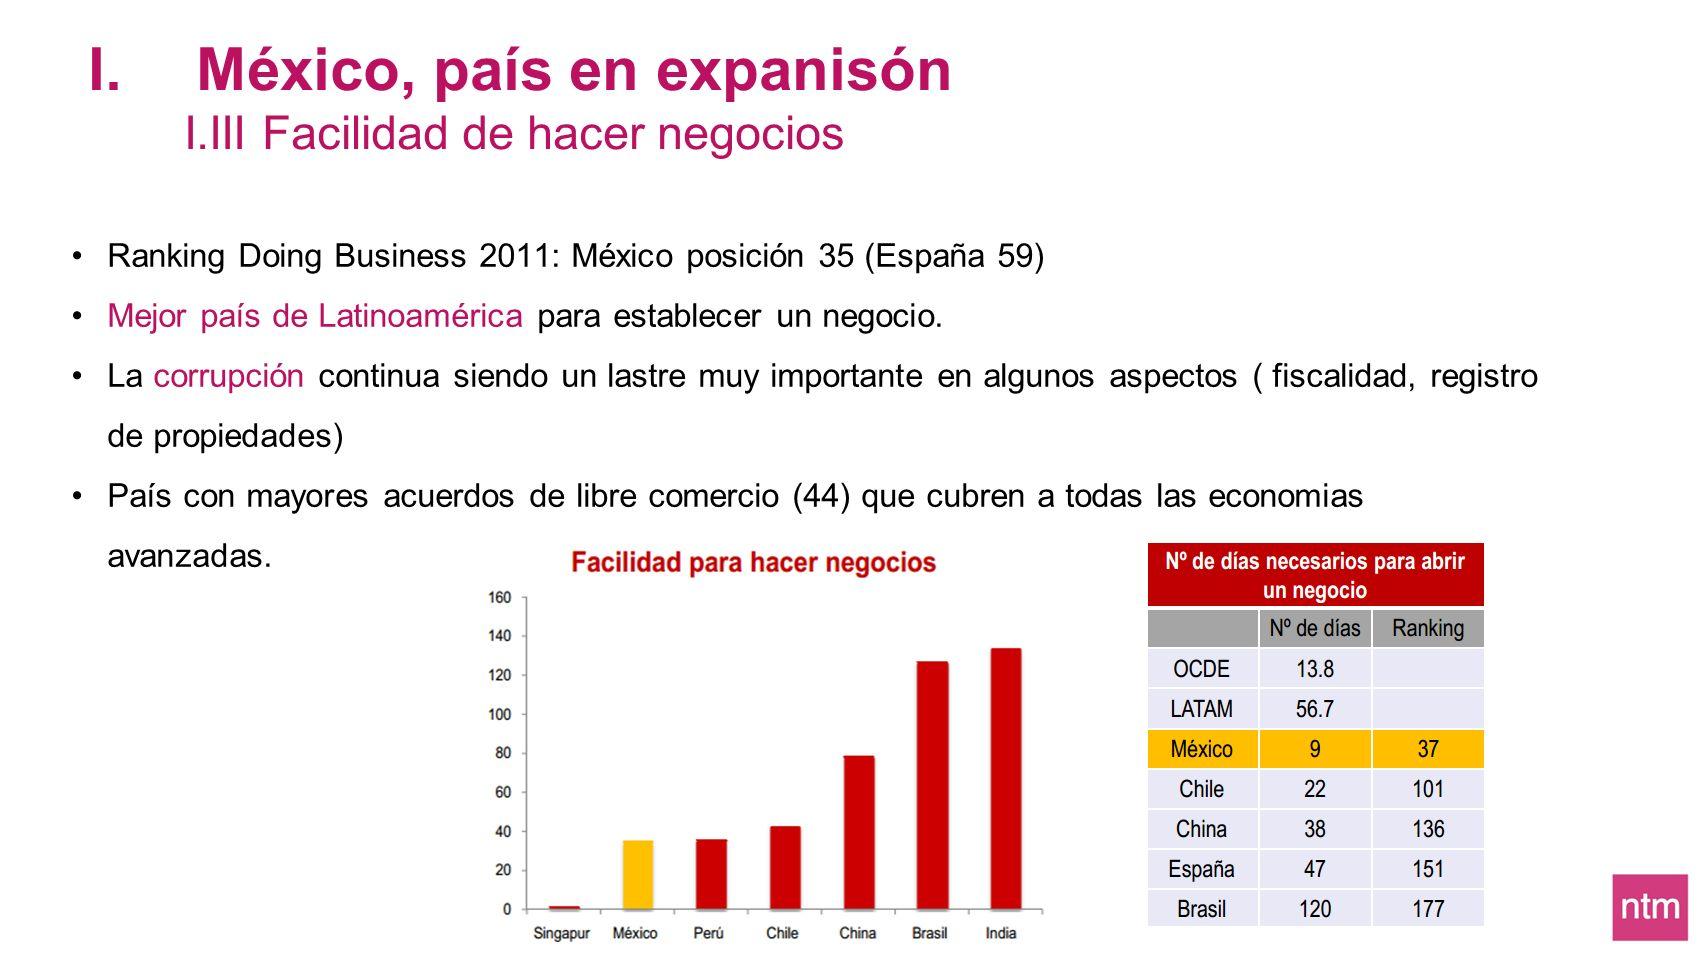 México, país en expanisón